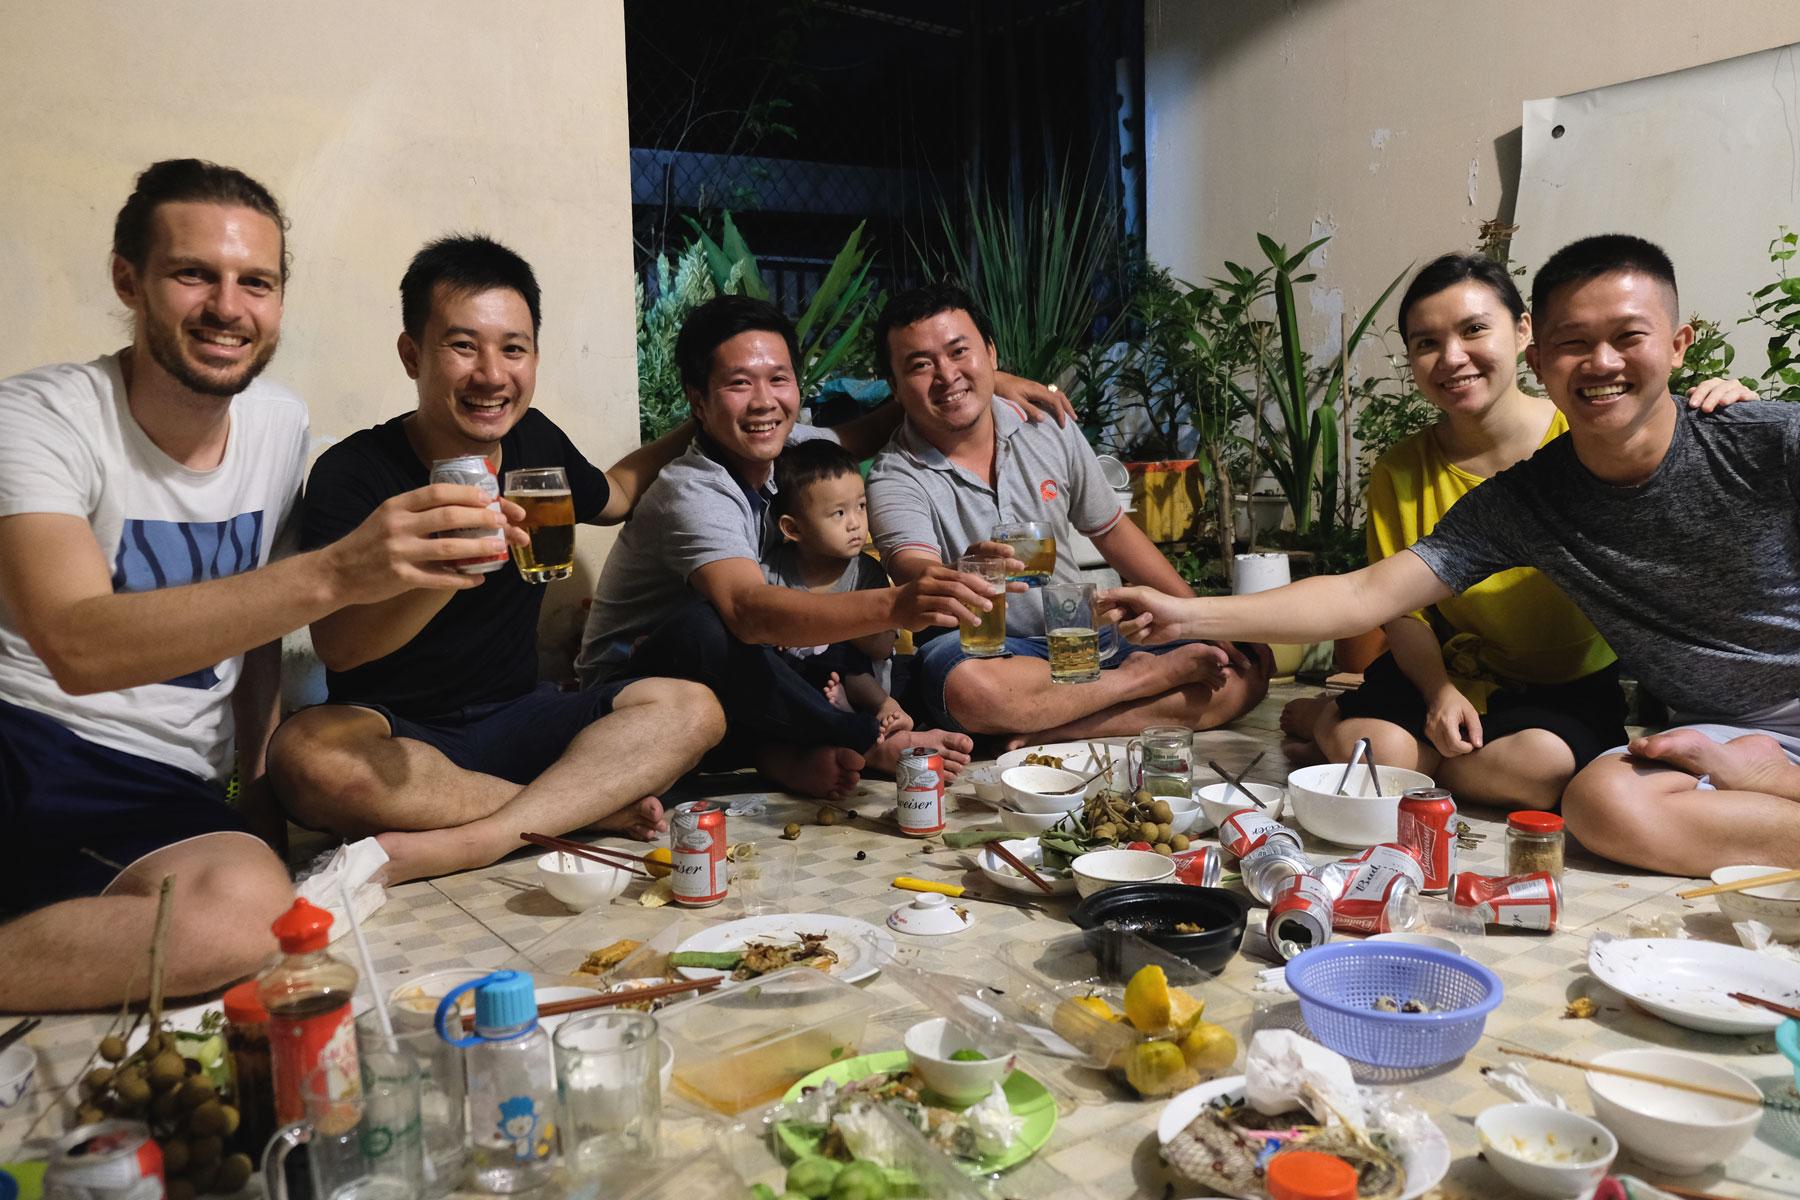 Sebastian trinkt bei einer Party Bier mit vietnamesischen Männern.